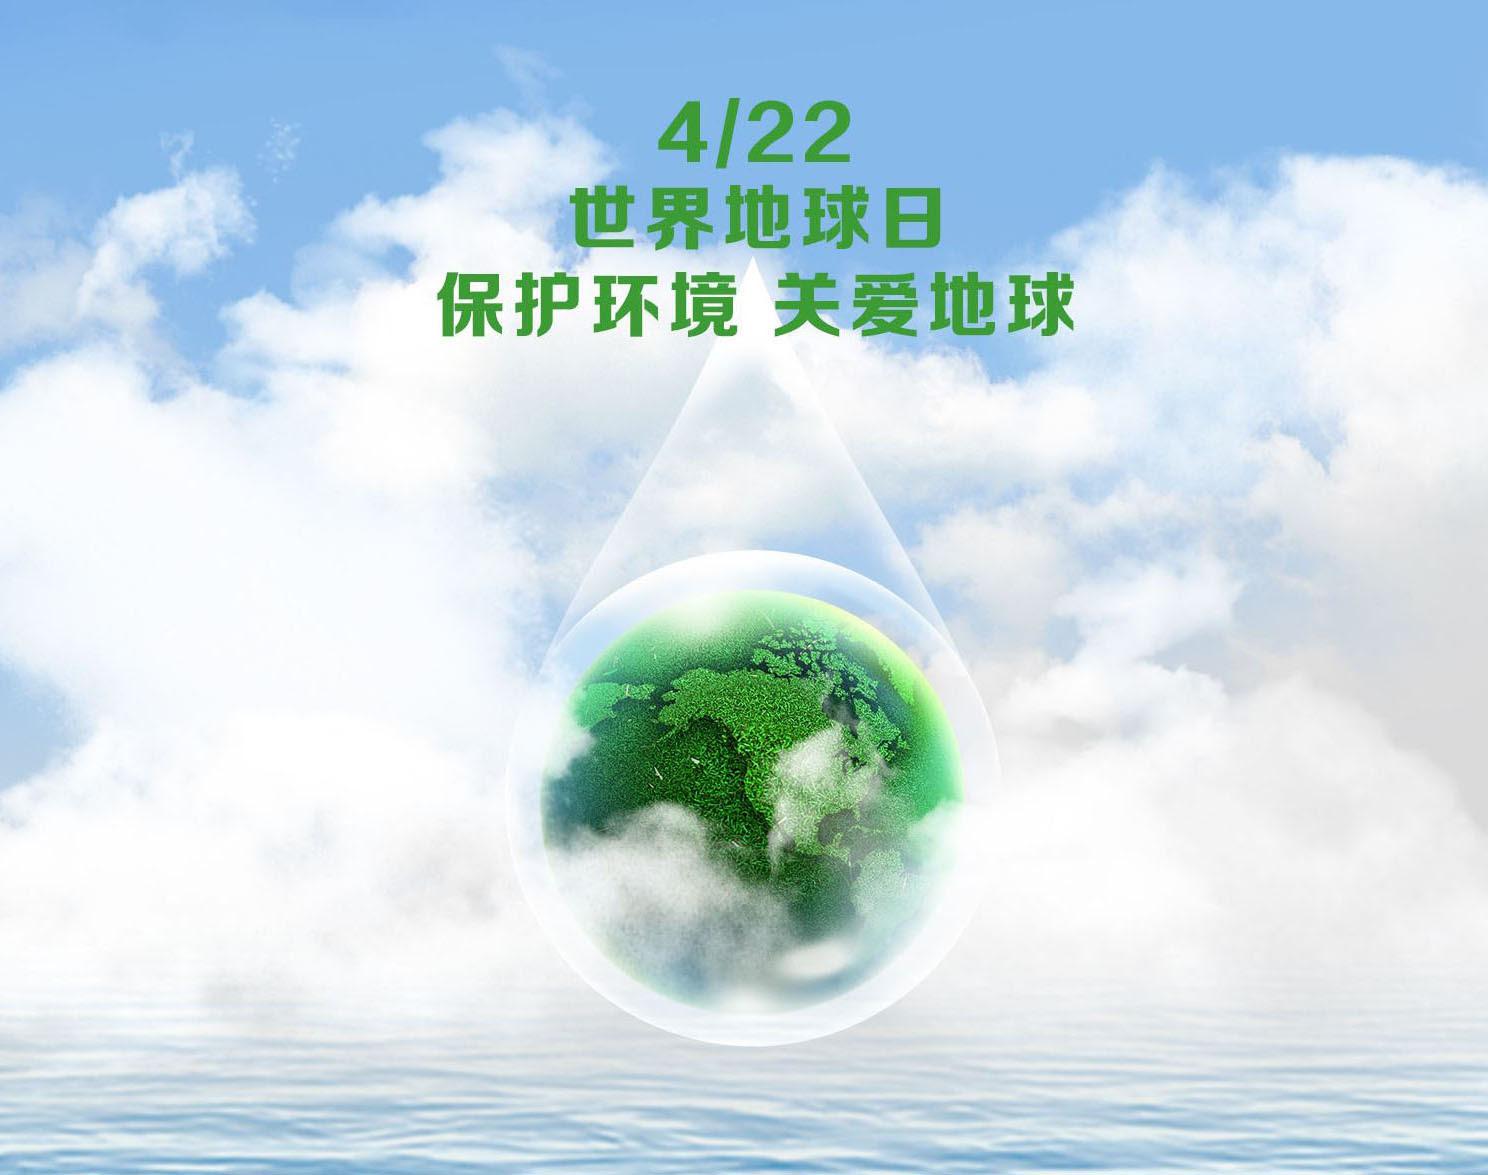 【世界地球日】用科技力量守护绿水青山